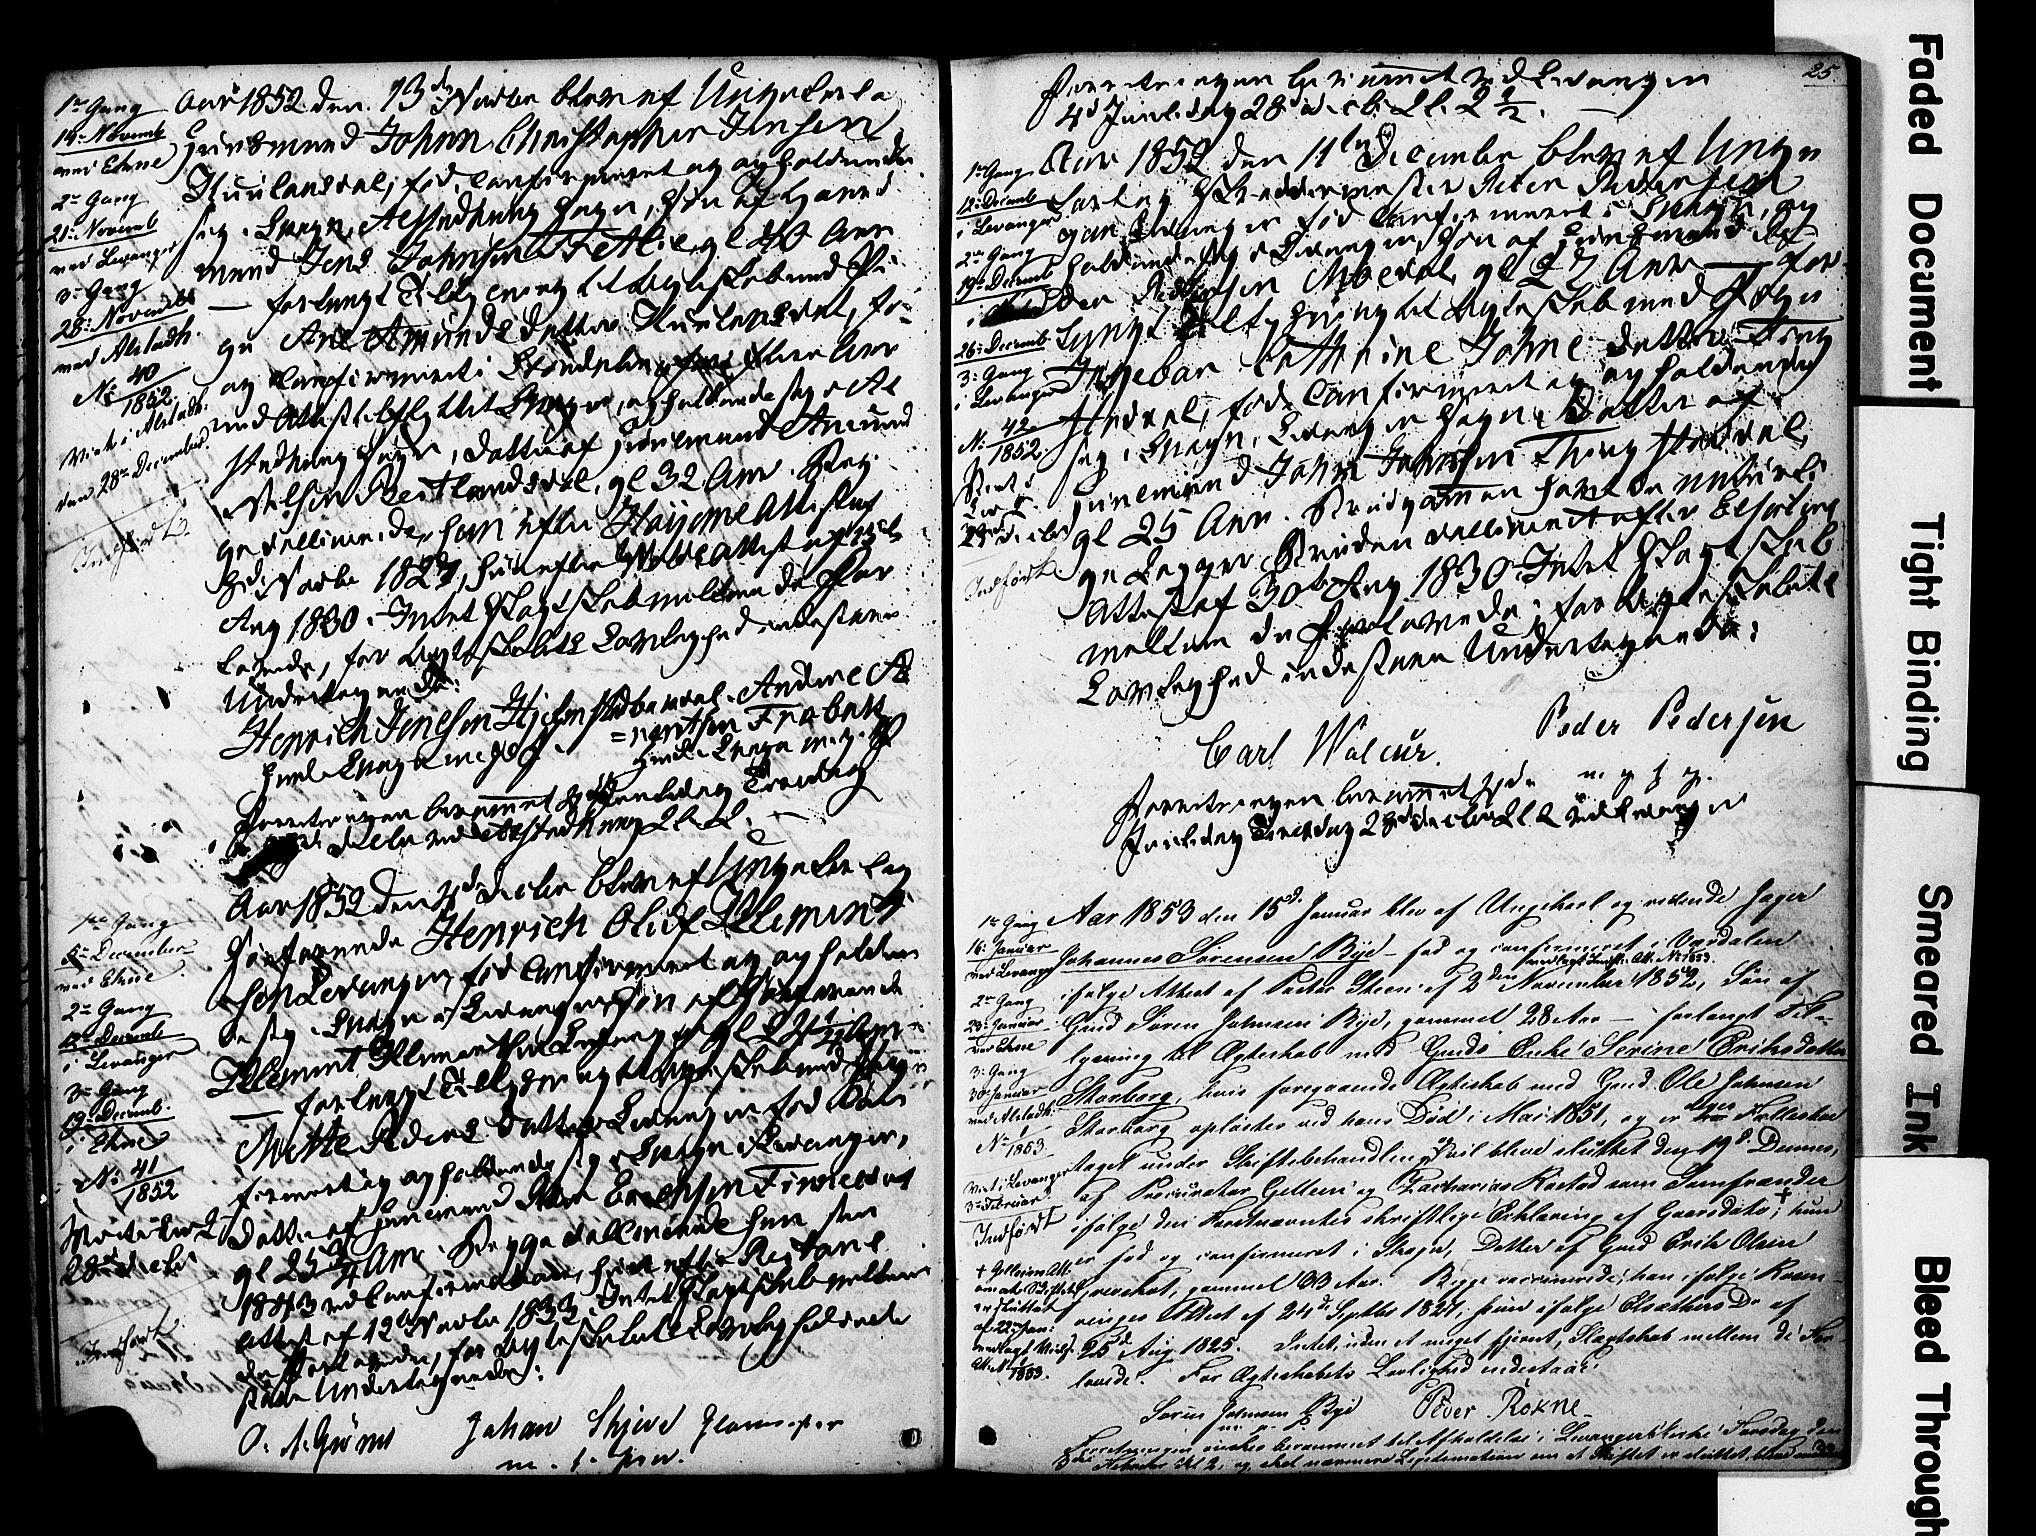 SAT, Ministerialprotokoller, klokkerbøker og fødselsregistre - Nord-Trøndelag, 717/L0161: Forlovererklæringer nr. 717A11, 1850-1895, s. 25